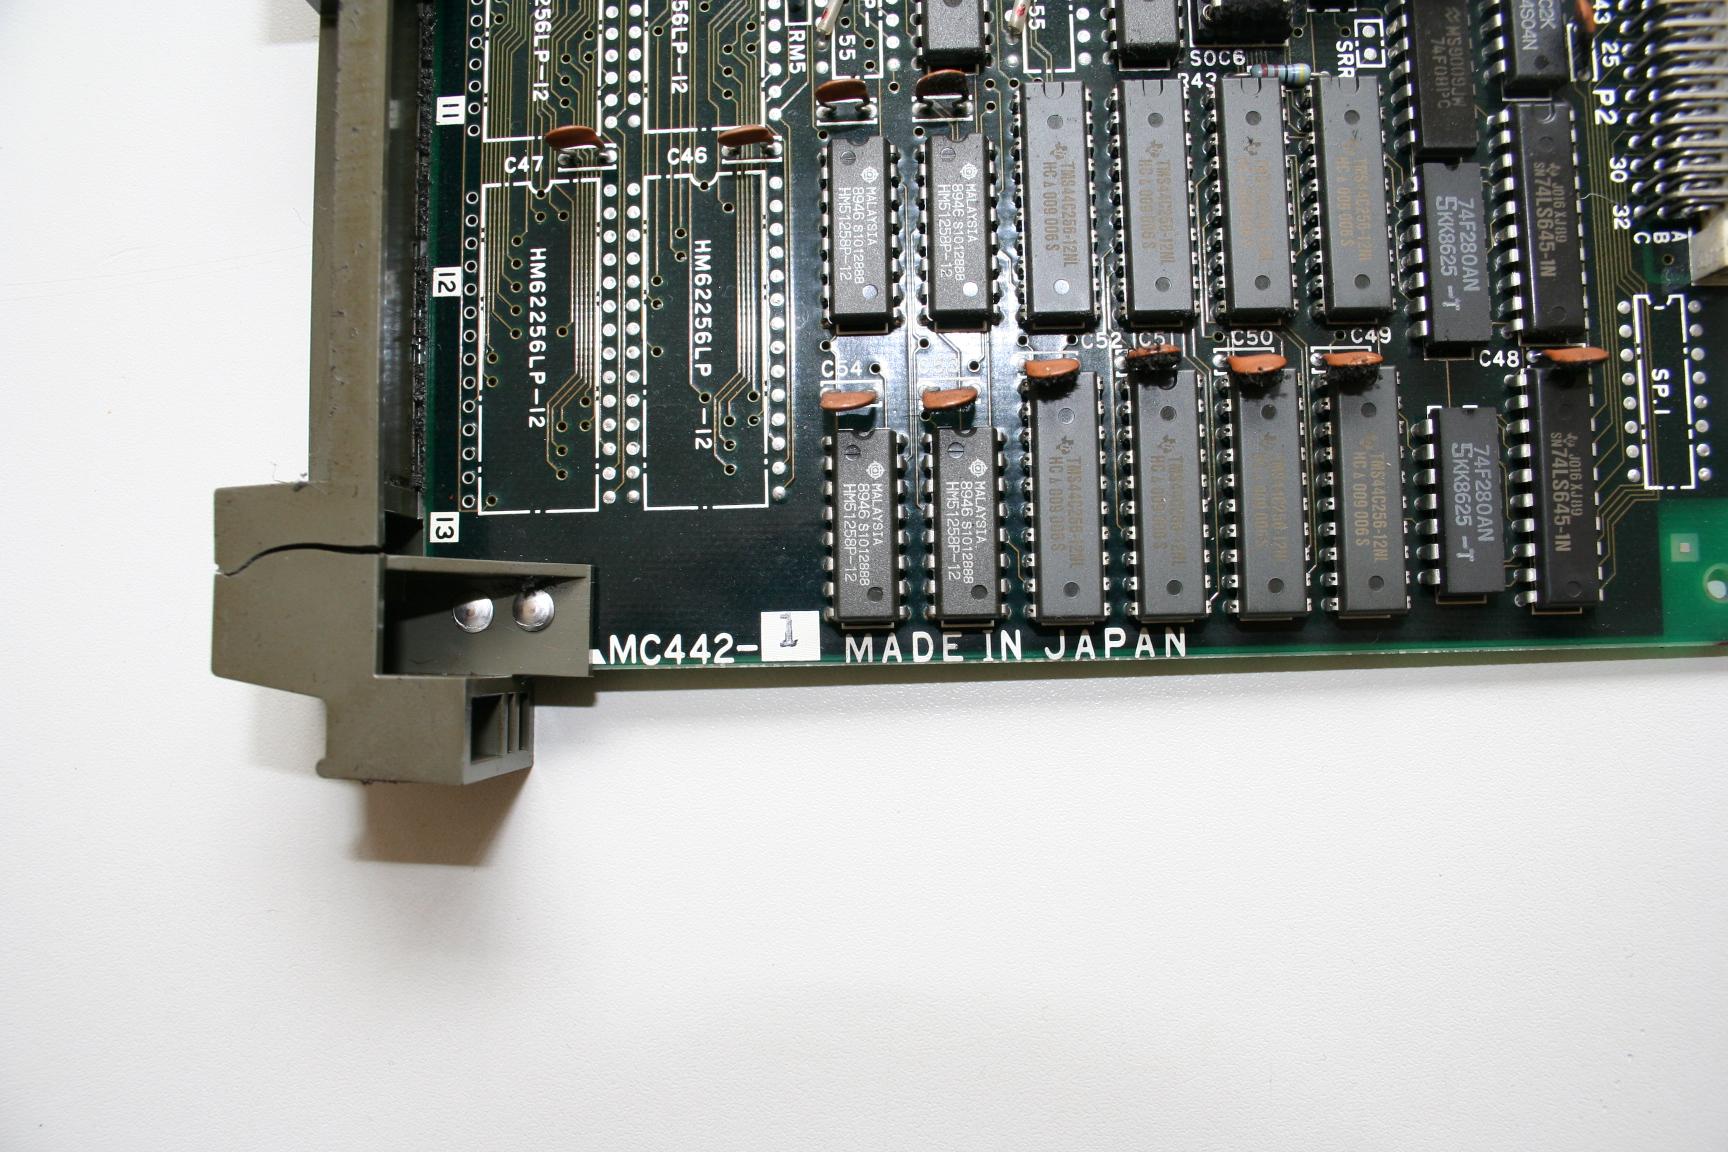 Mitsubishi MC442-1